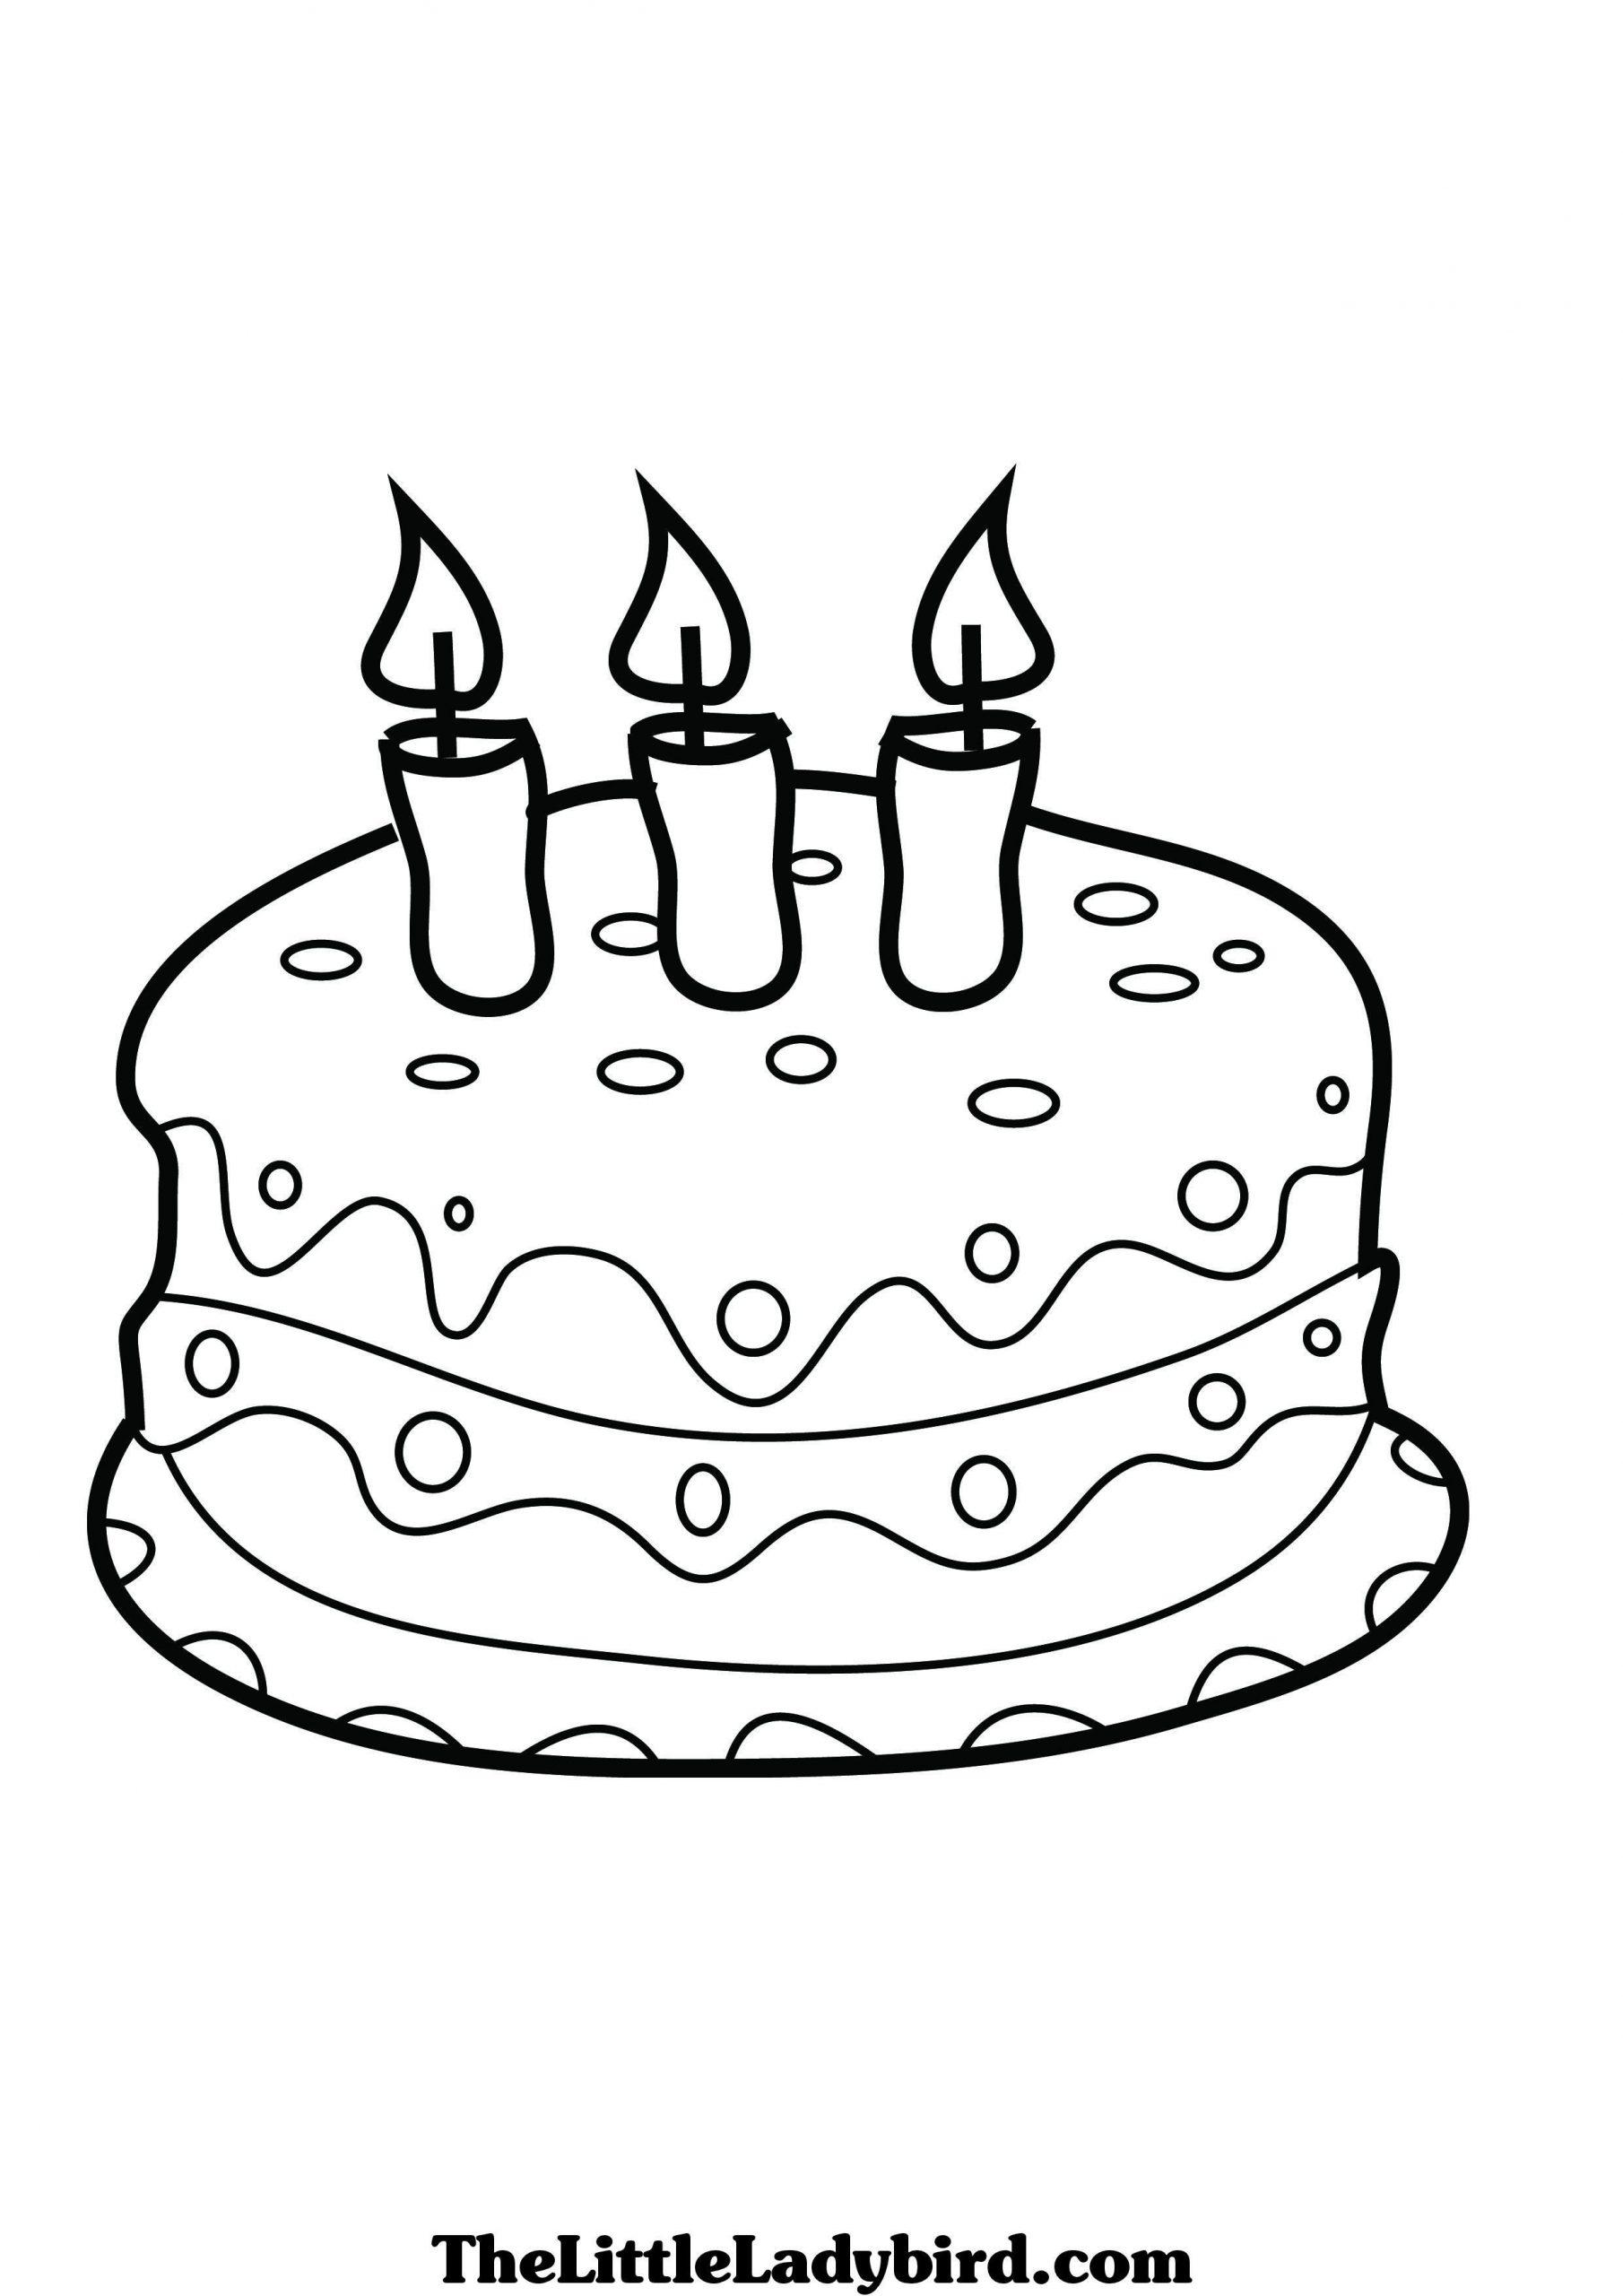 Neu Torte Ausmalen | Geburtstag Malvorlagen, Kinder mit Ausmalbild Kuchen